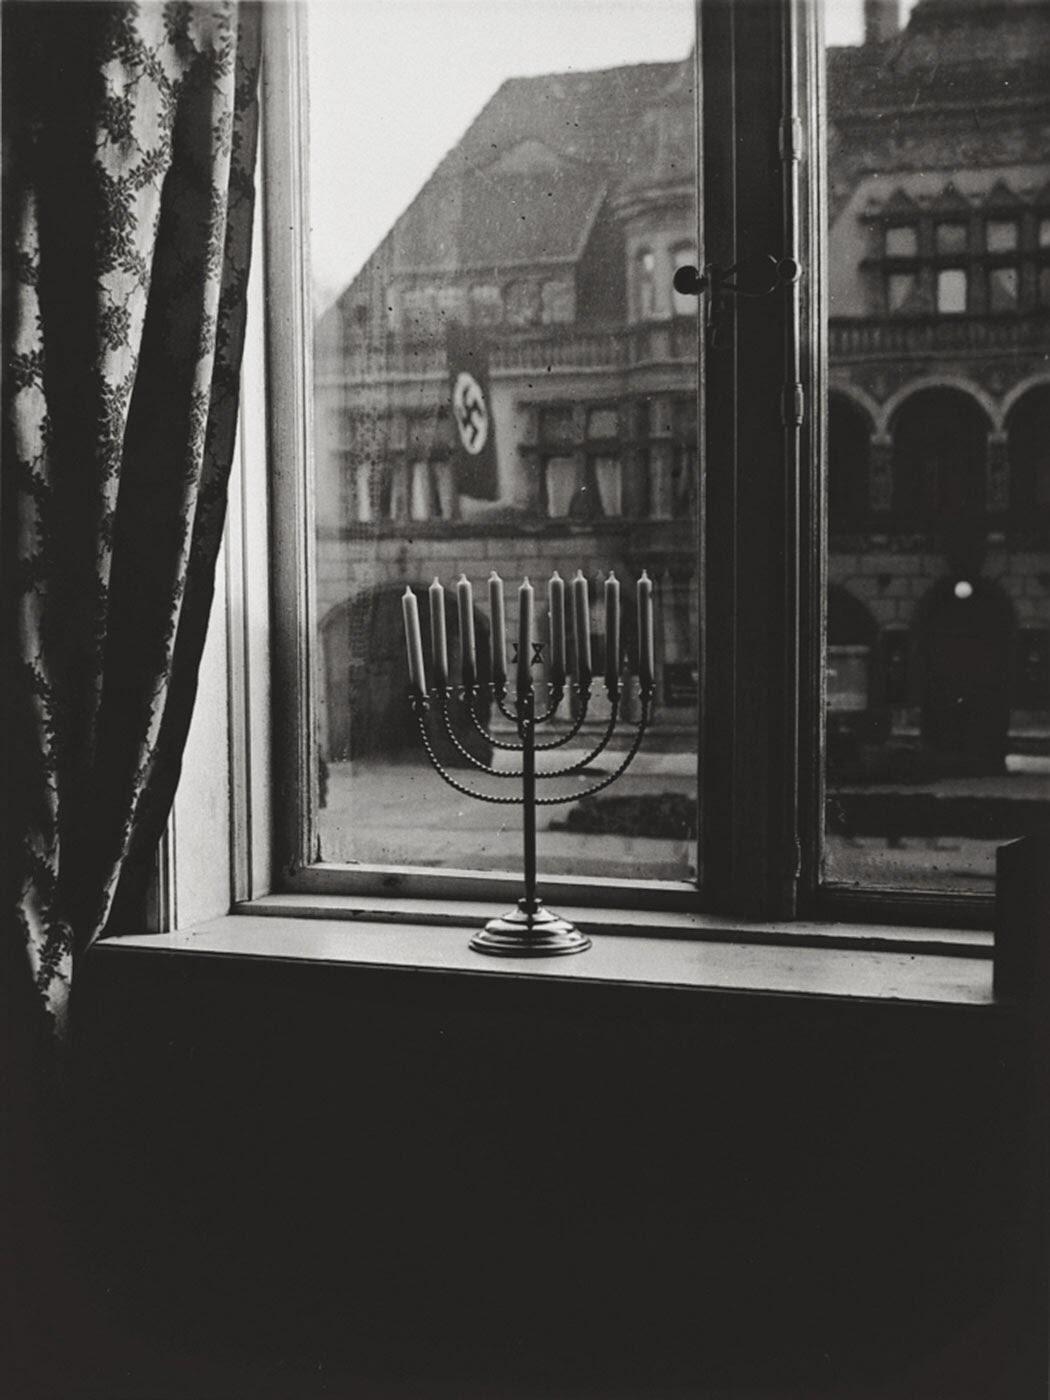 RT @DominiqueReynie: Superbe ! RT @HistoryInPics: A Jewish Menorah defies the Nazi swastika, 1931 http://t.co/Ve2QjztCBW